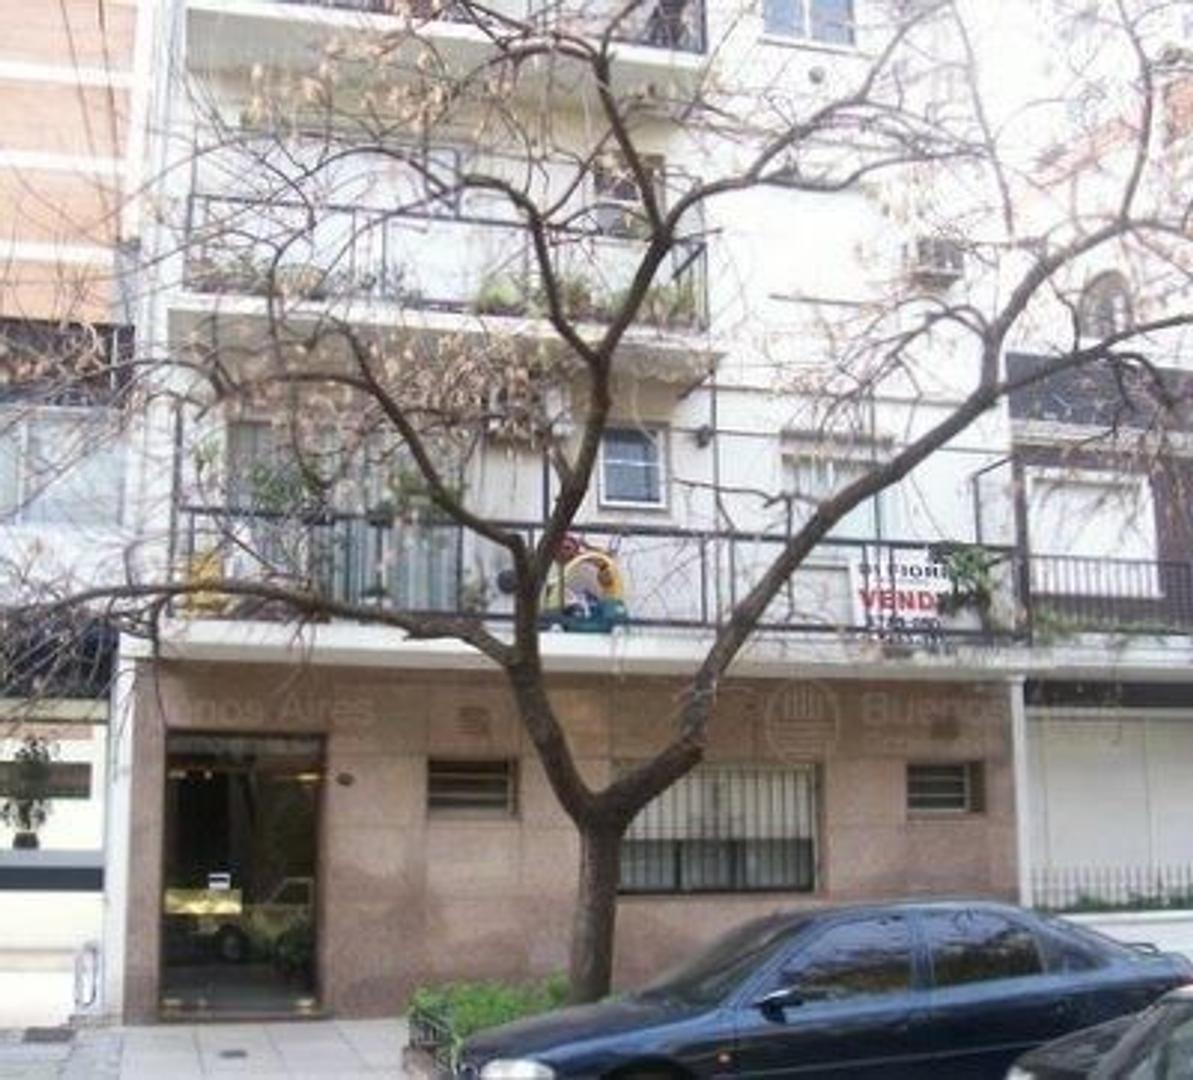 Departamento  en Venta ubicado en Belgrano R, Capital Federal - BEL2946_LP149215_1